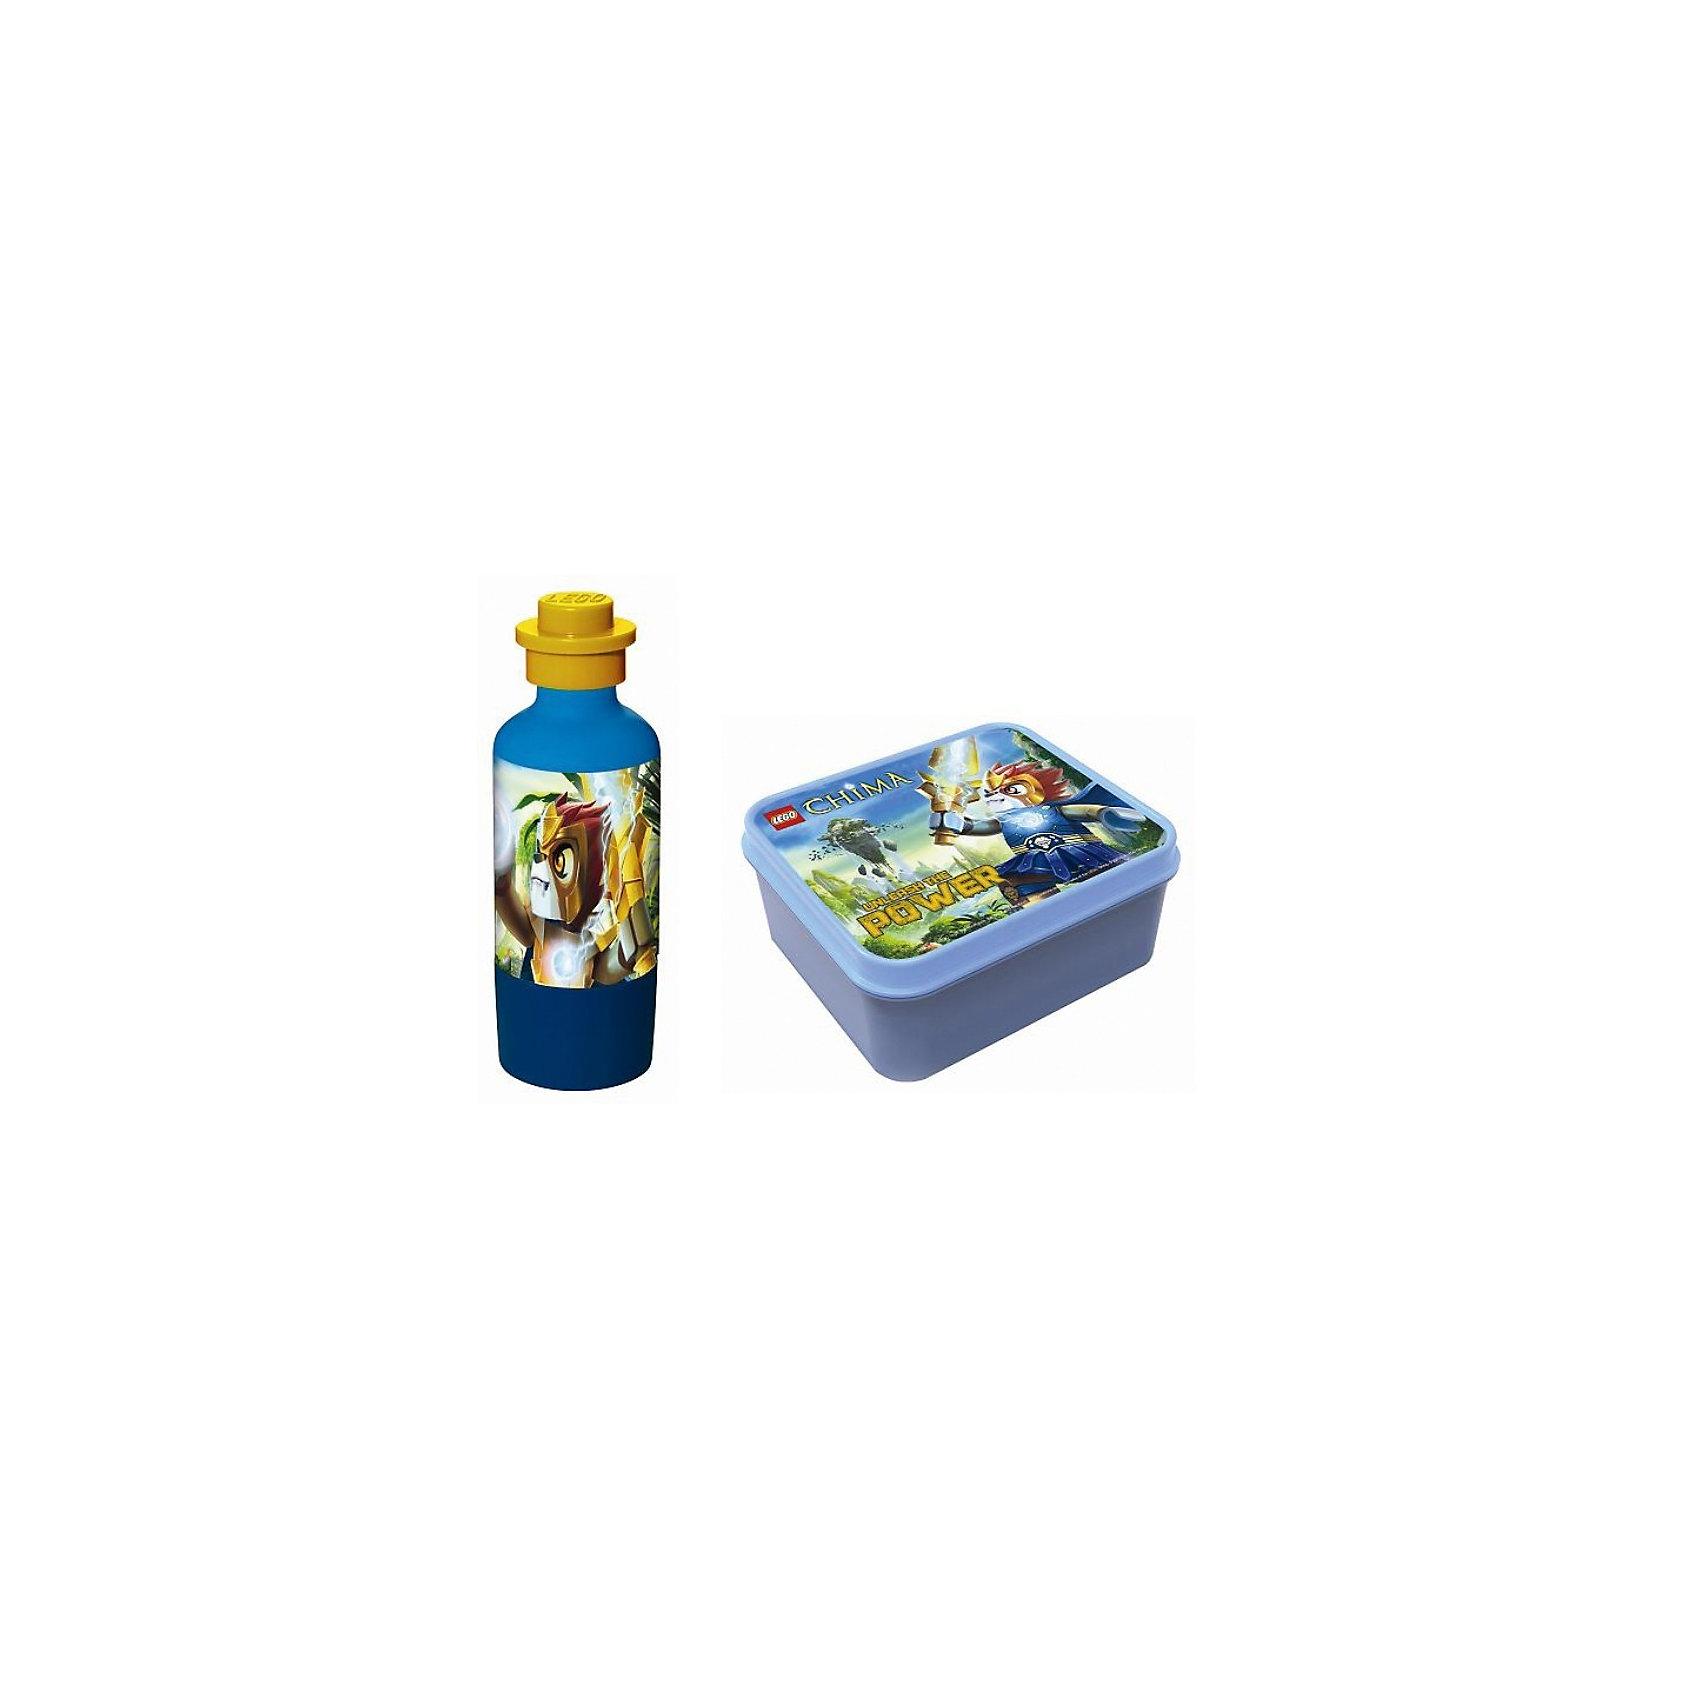 Набор бутылочка и контейнер для ланча, Лего Чима, голубойНабор для ланча Чима с изоображением героя Лавлл, голубого цвета станет прекрасным помощником Вашего малыша в школе! <br><br>Дополнительная информация:<br><br>В наборе содержится бутылочка+контейнер для ланча.<br><br> Набор послужит очень хорошим подарком, а так же всегда пригодится в повседневной жизни!<br><br>Ширина мм: 223<br>Глубина мм: 197<br>Высота мм: 76<br>Вес г: 254<br>Возраст от месяцев: 60<br>Возраст до месяцев: 108<br>Пол: Мужской<br>Возраст: Детский<br>SKU: 3259113